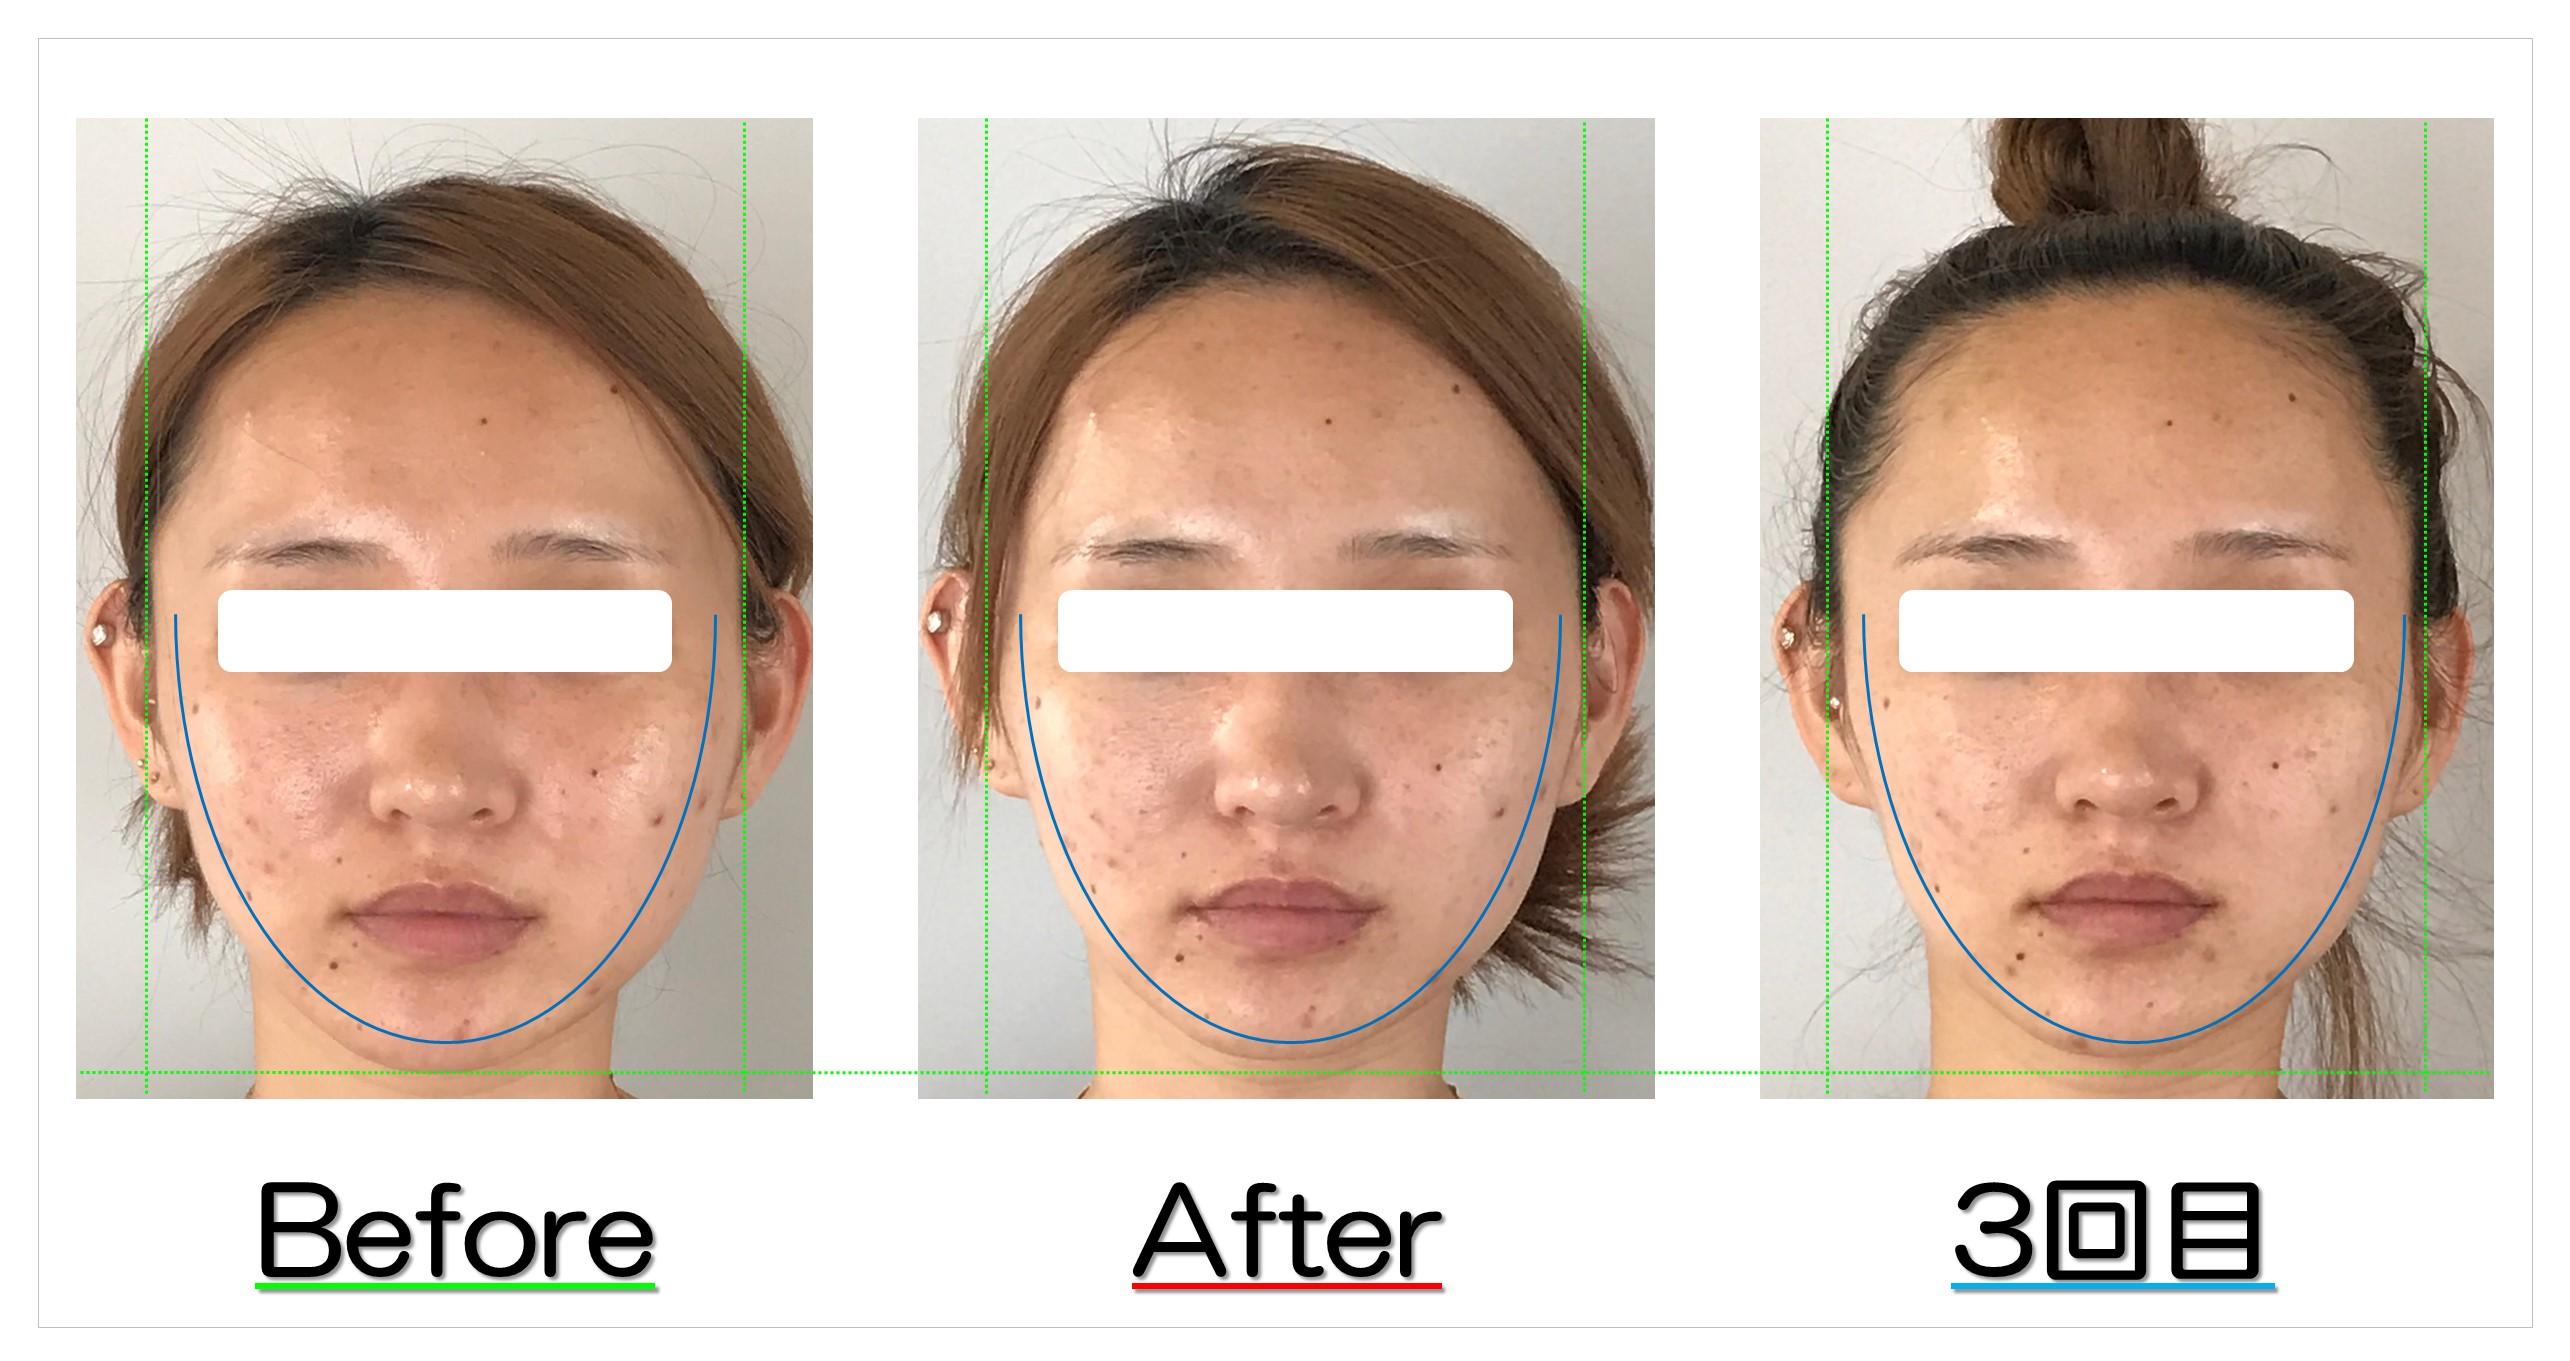 頬の広がりと左右差が改善! | 滋賀守山市の小顔歪み矯正